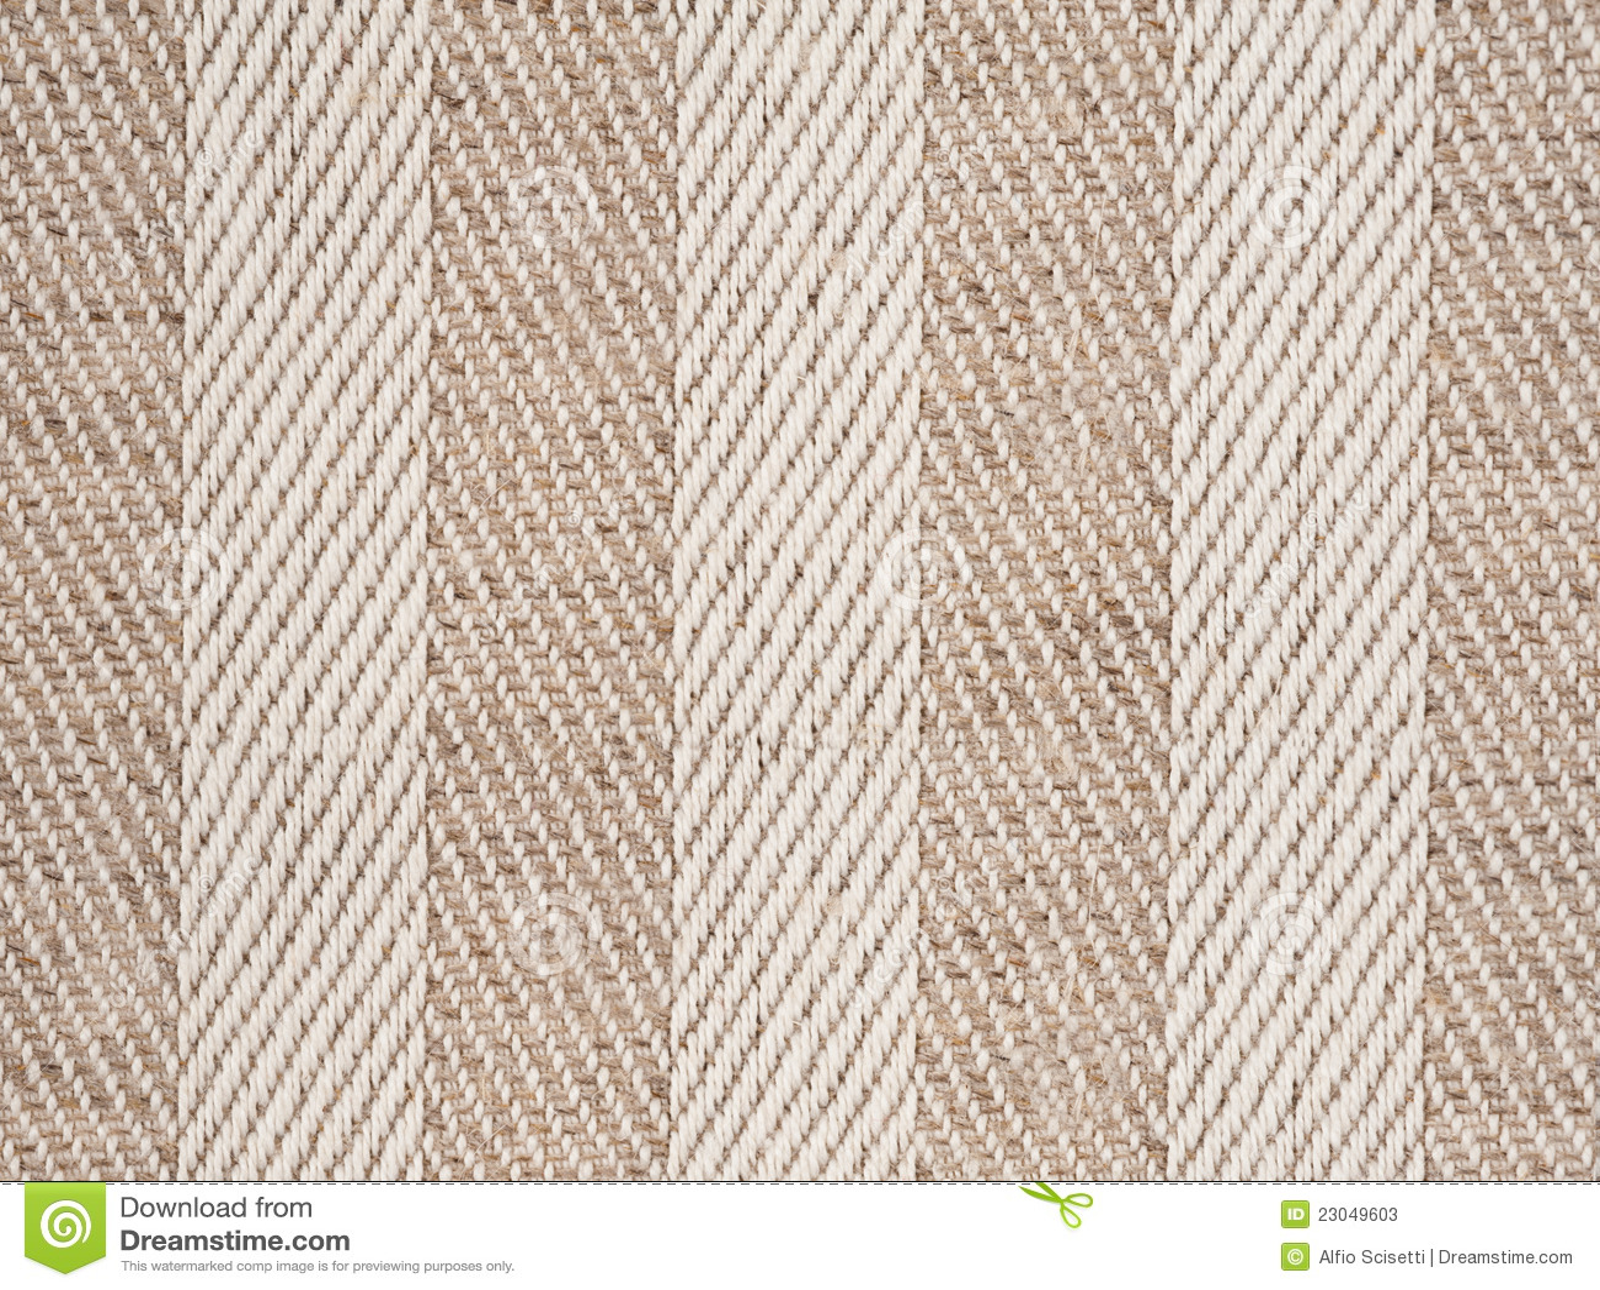 Texture stock photos image